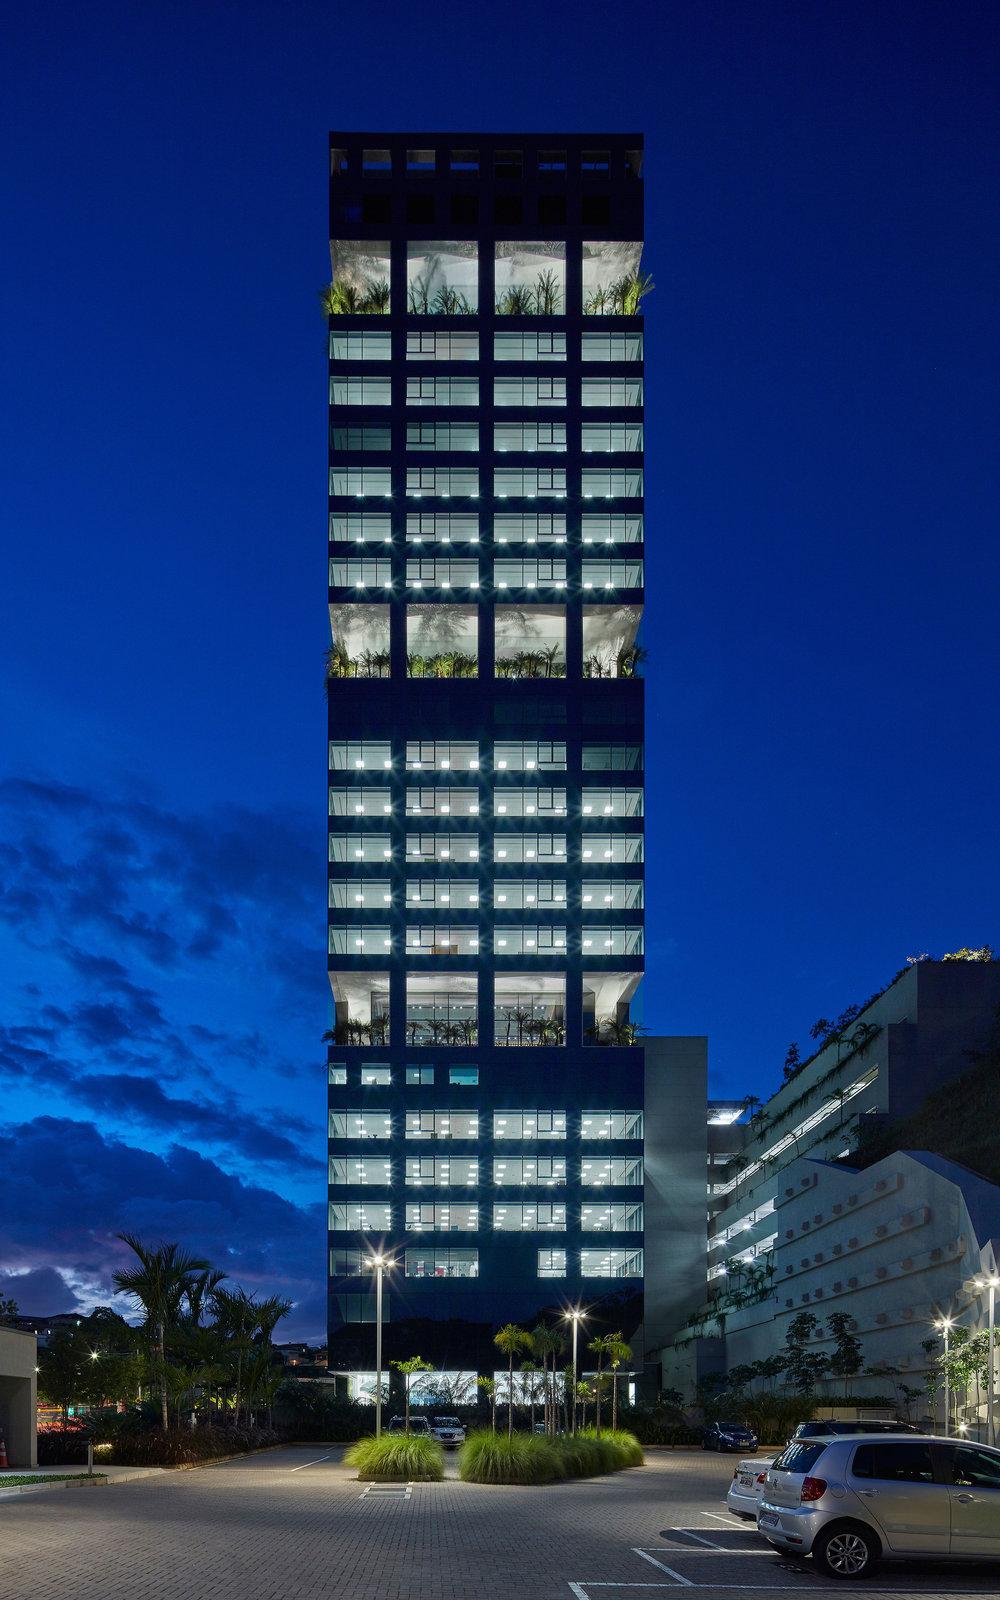 LIGHTSOURCE_Localiza-Herz-Headquarters-BH-2018_Morence-Arquitetura_Mingrone-Iluminacao_02.jpg